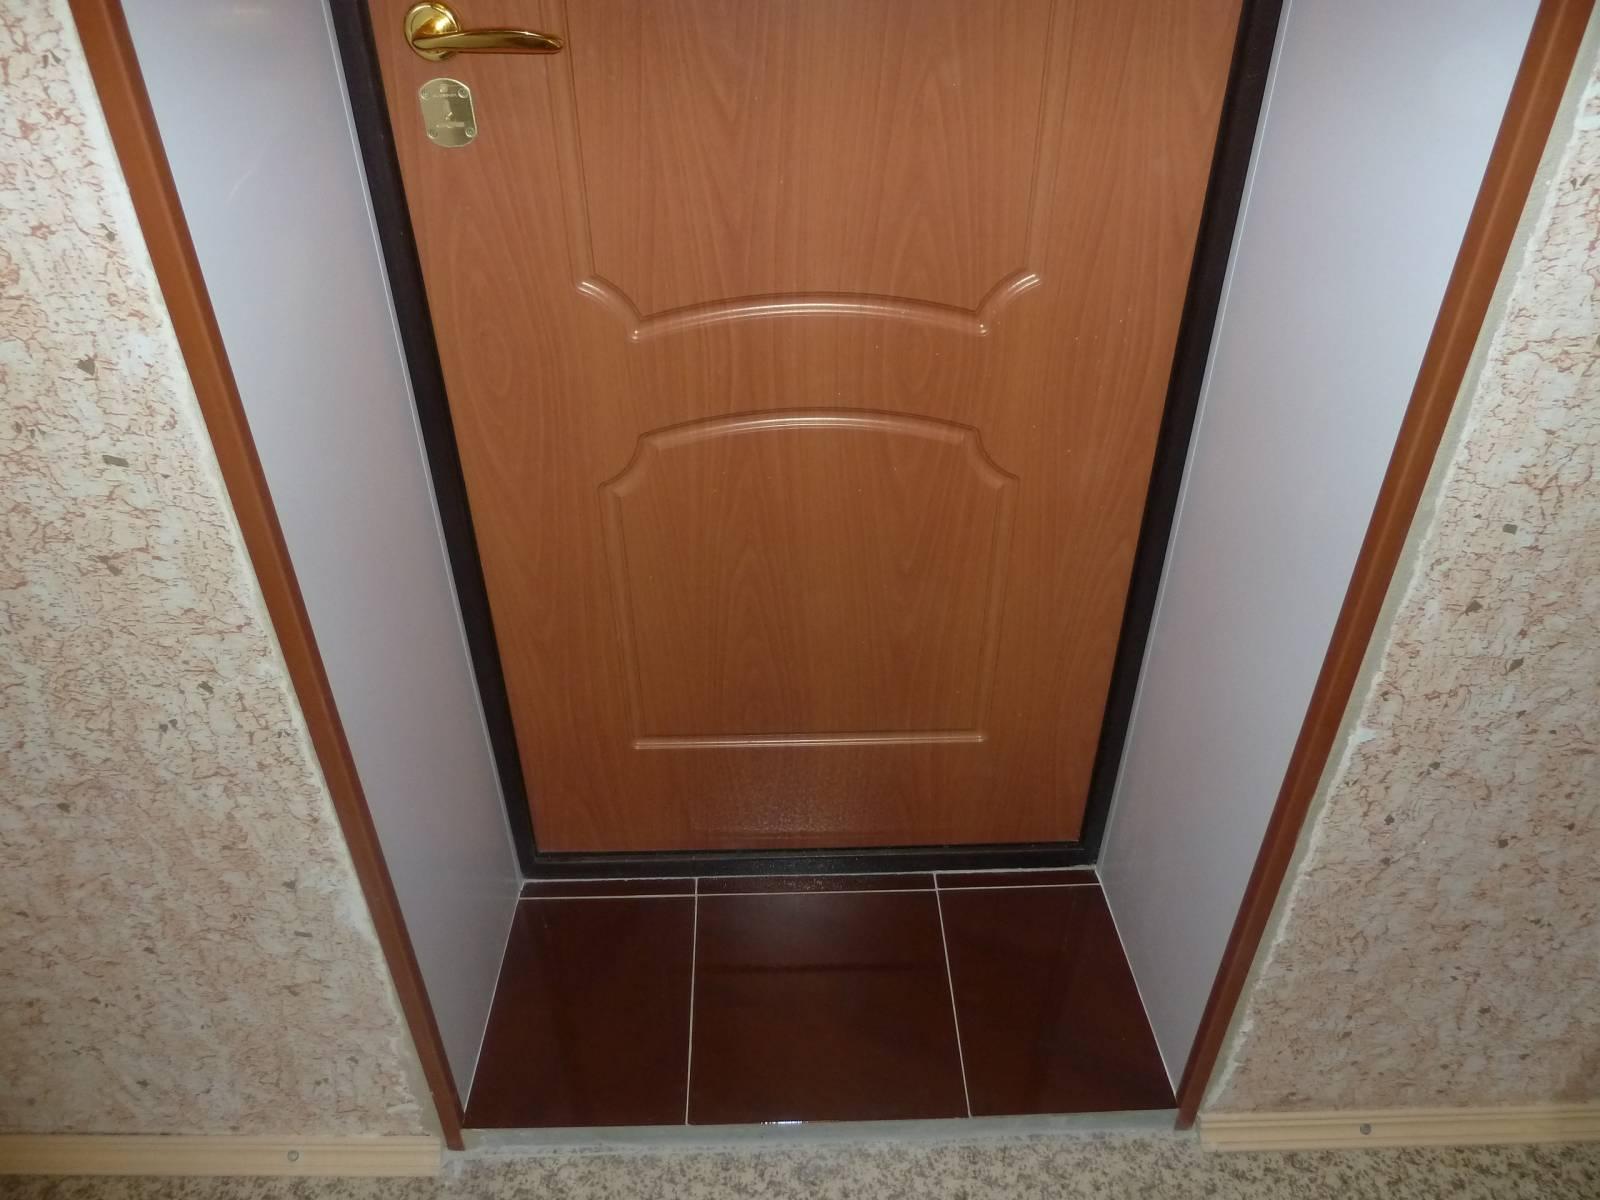 другой картинки дверной откос фото день